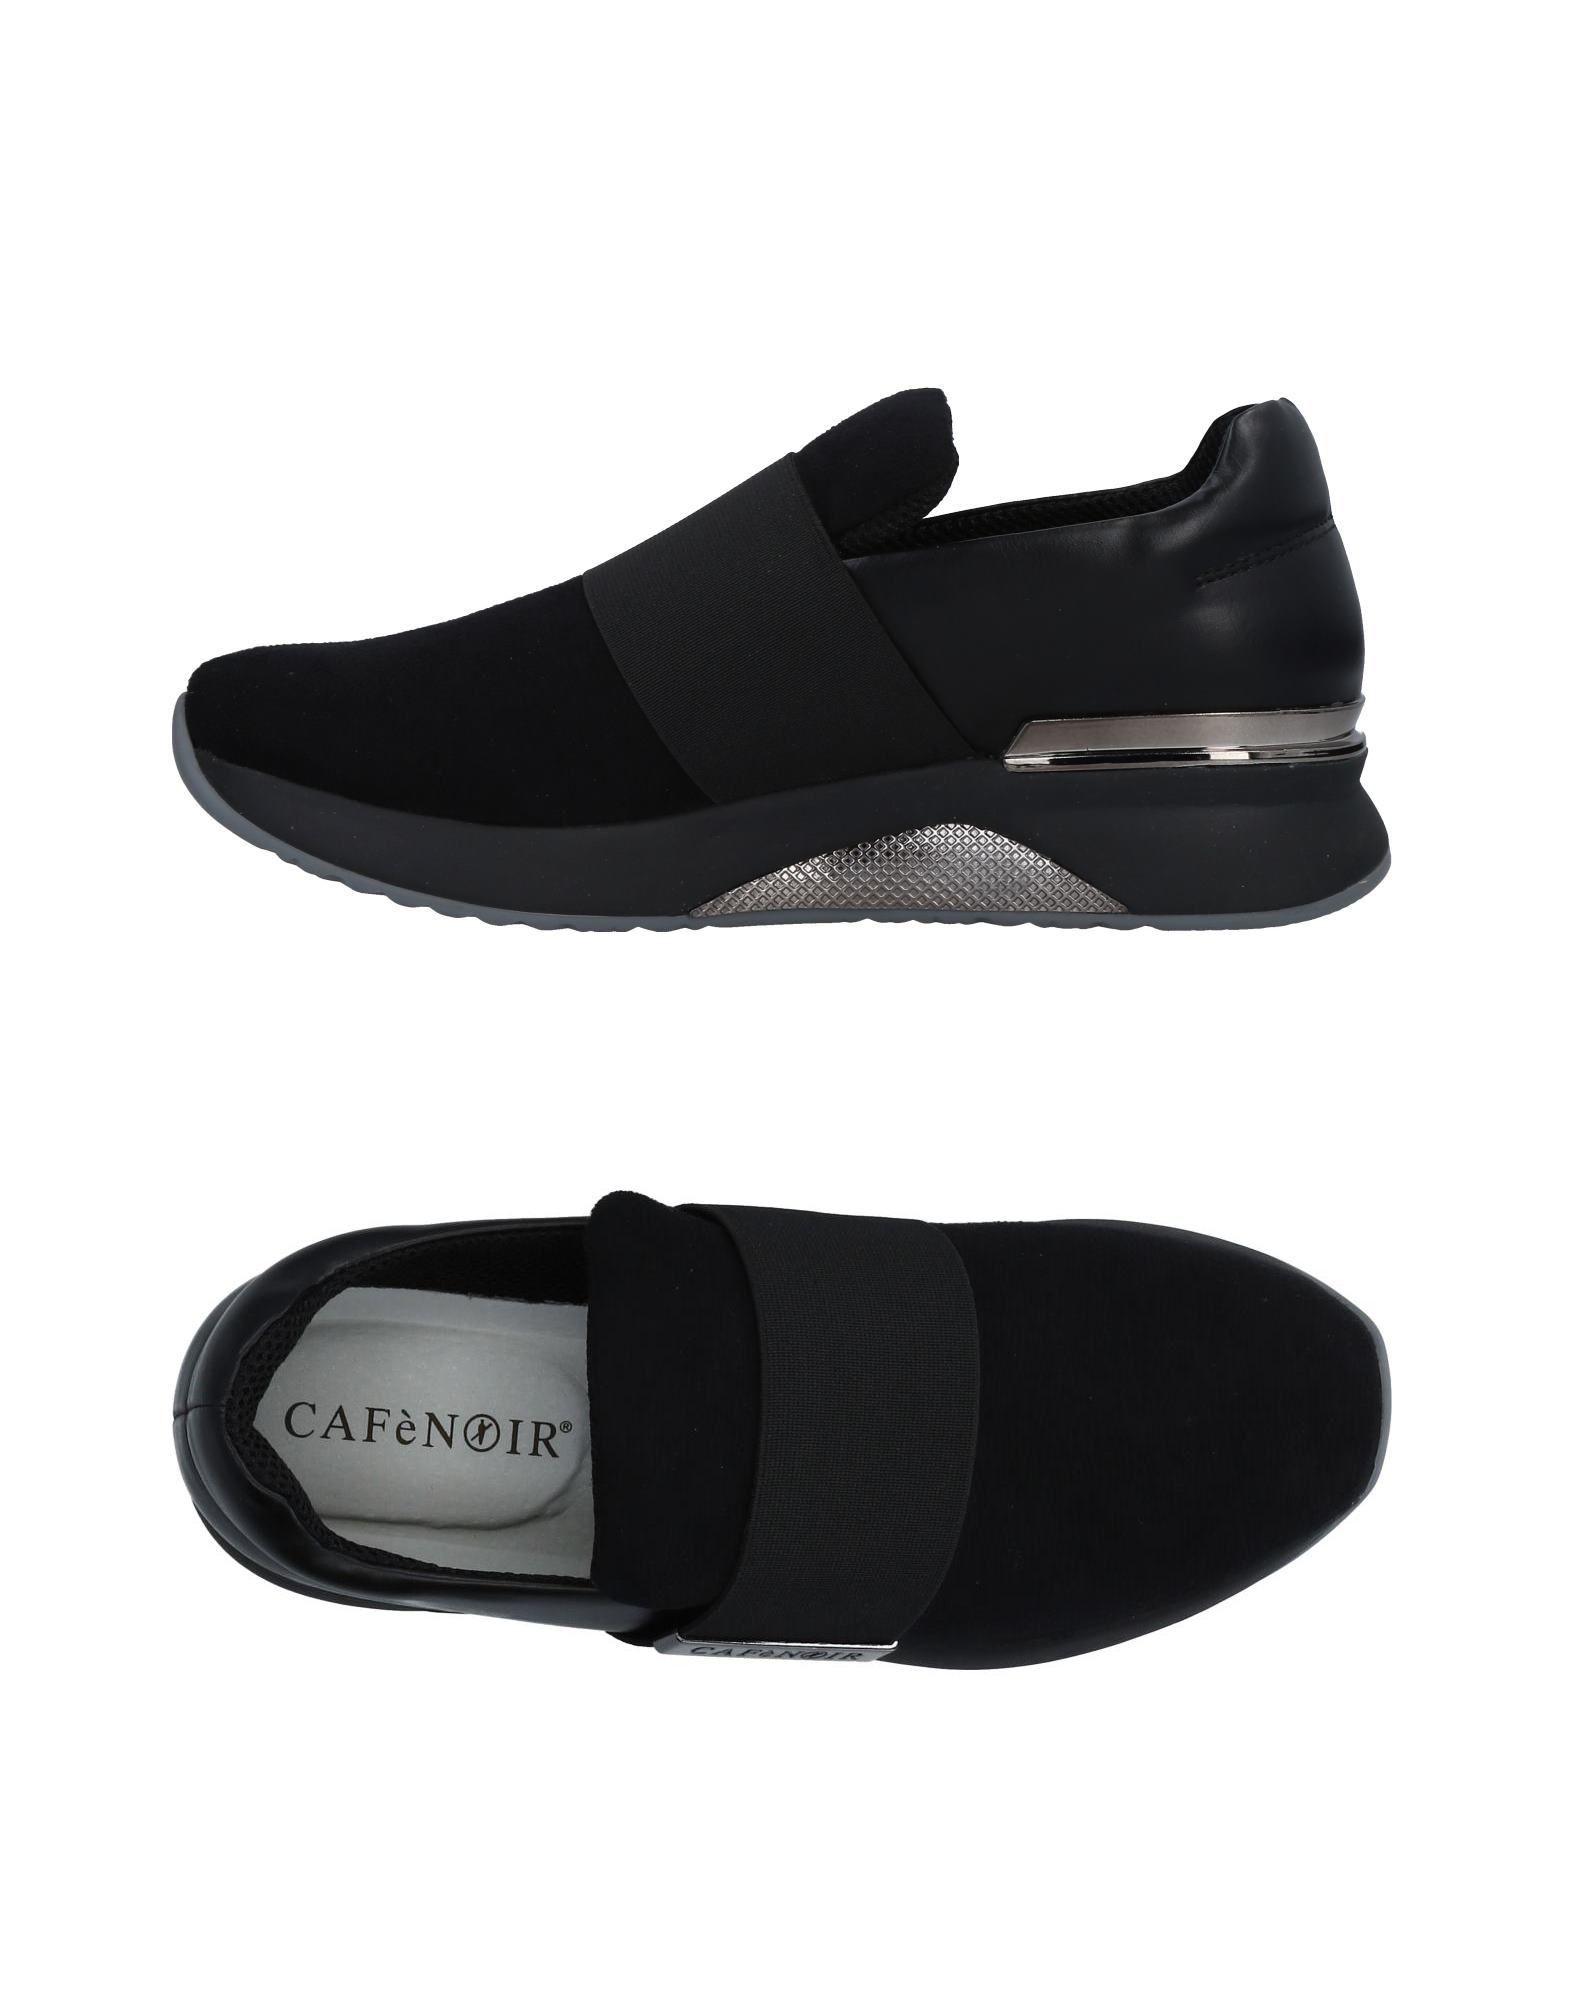 Scarpe economiche e resistenti Sneakers Cafènoir Donna - 11478412DG